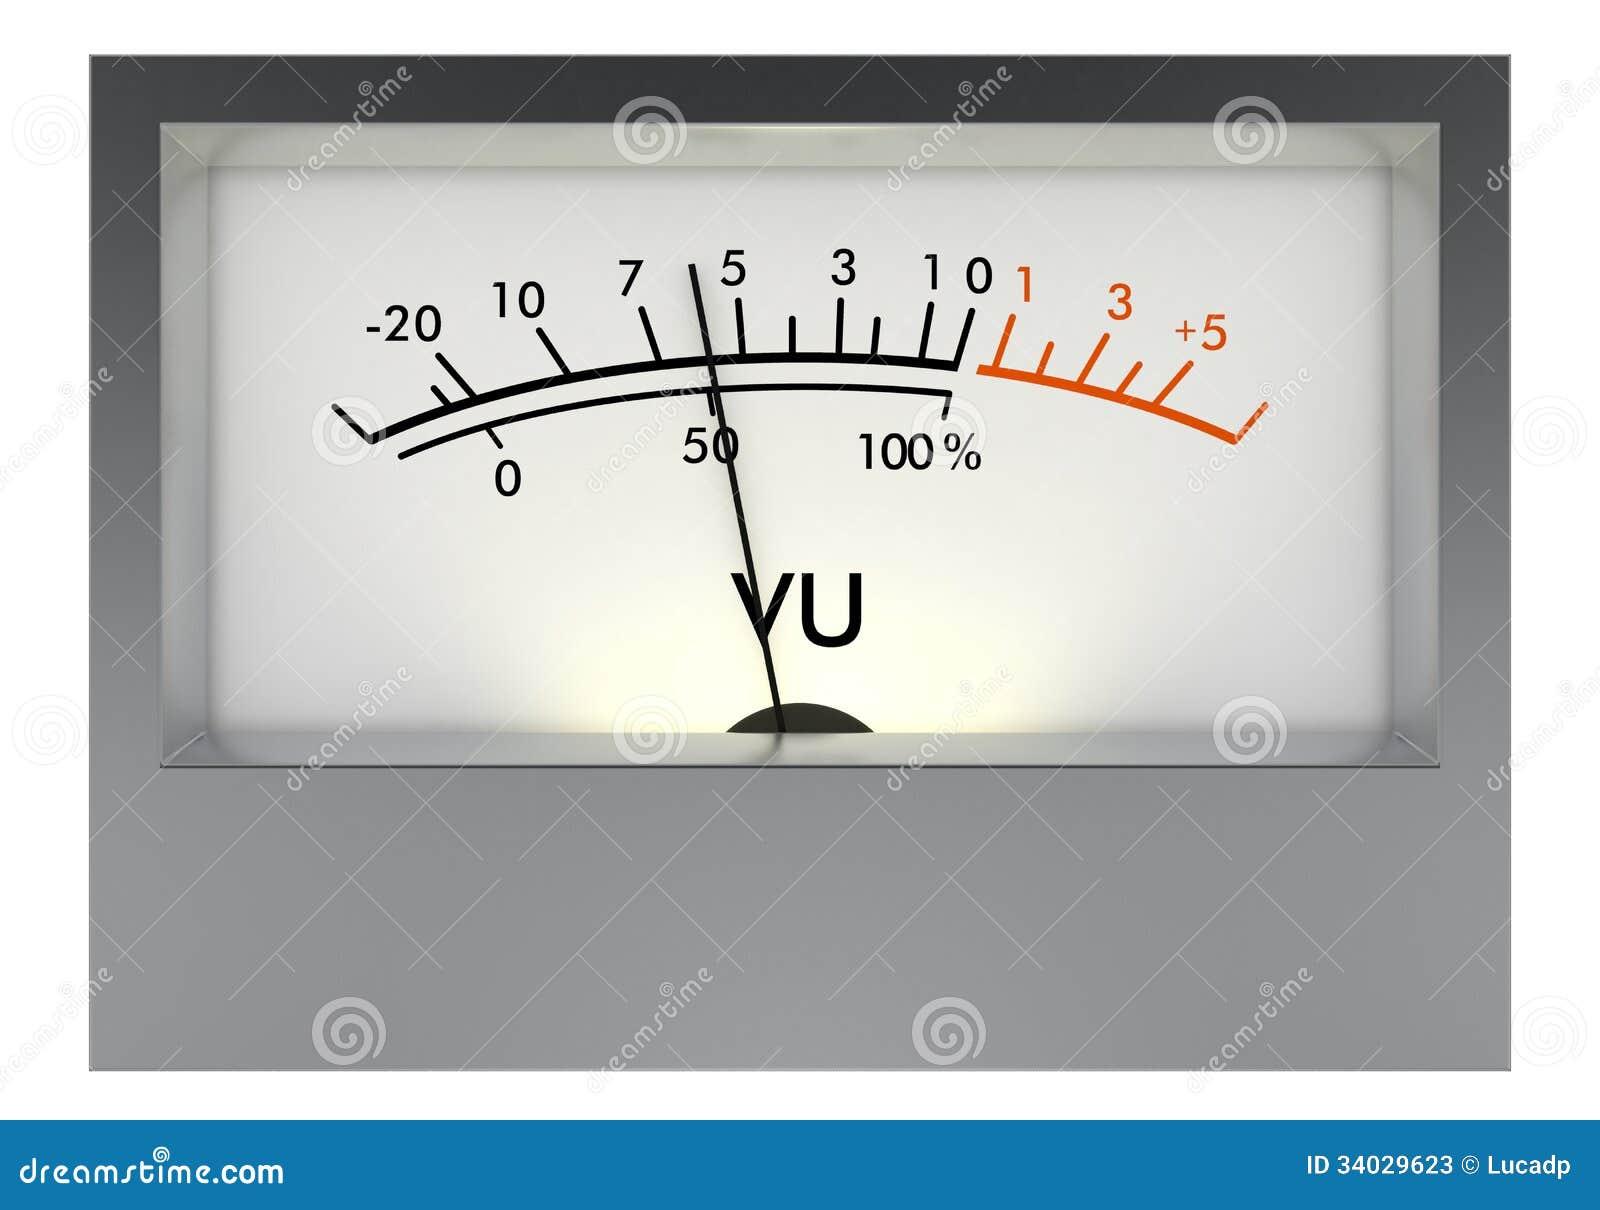 Analog Meter Background : Analog vu meter stock photos image